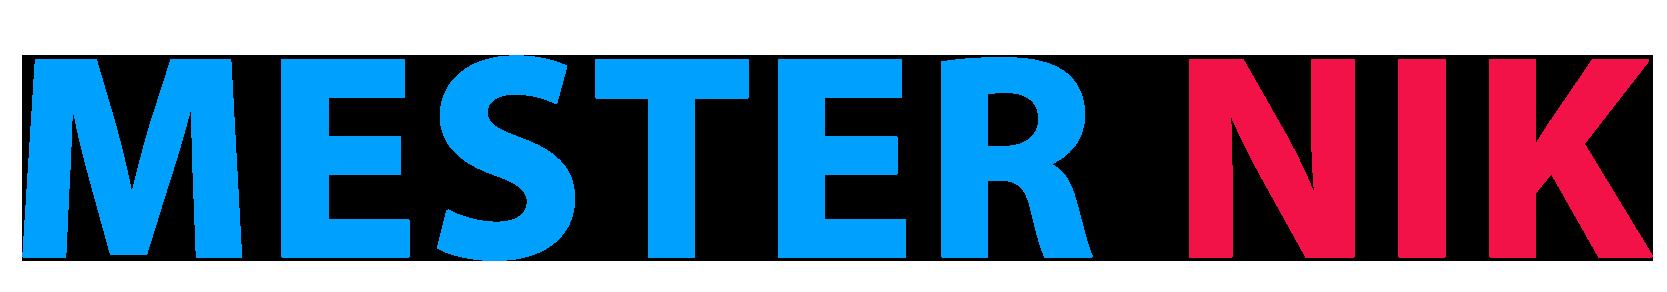 فروشگاه اینترنتی مسترنیک